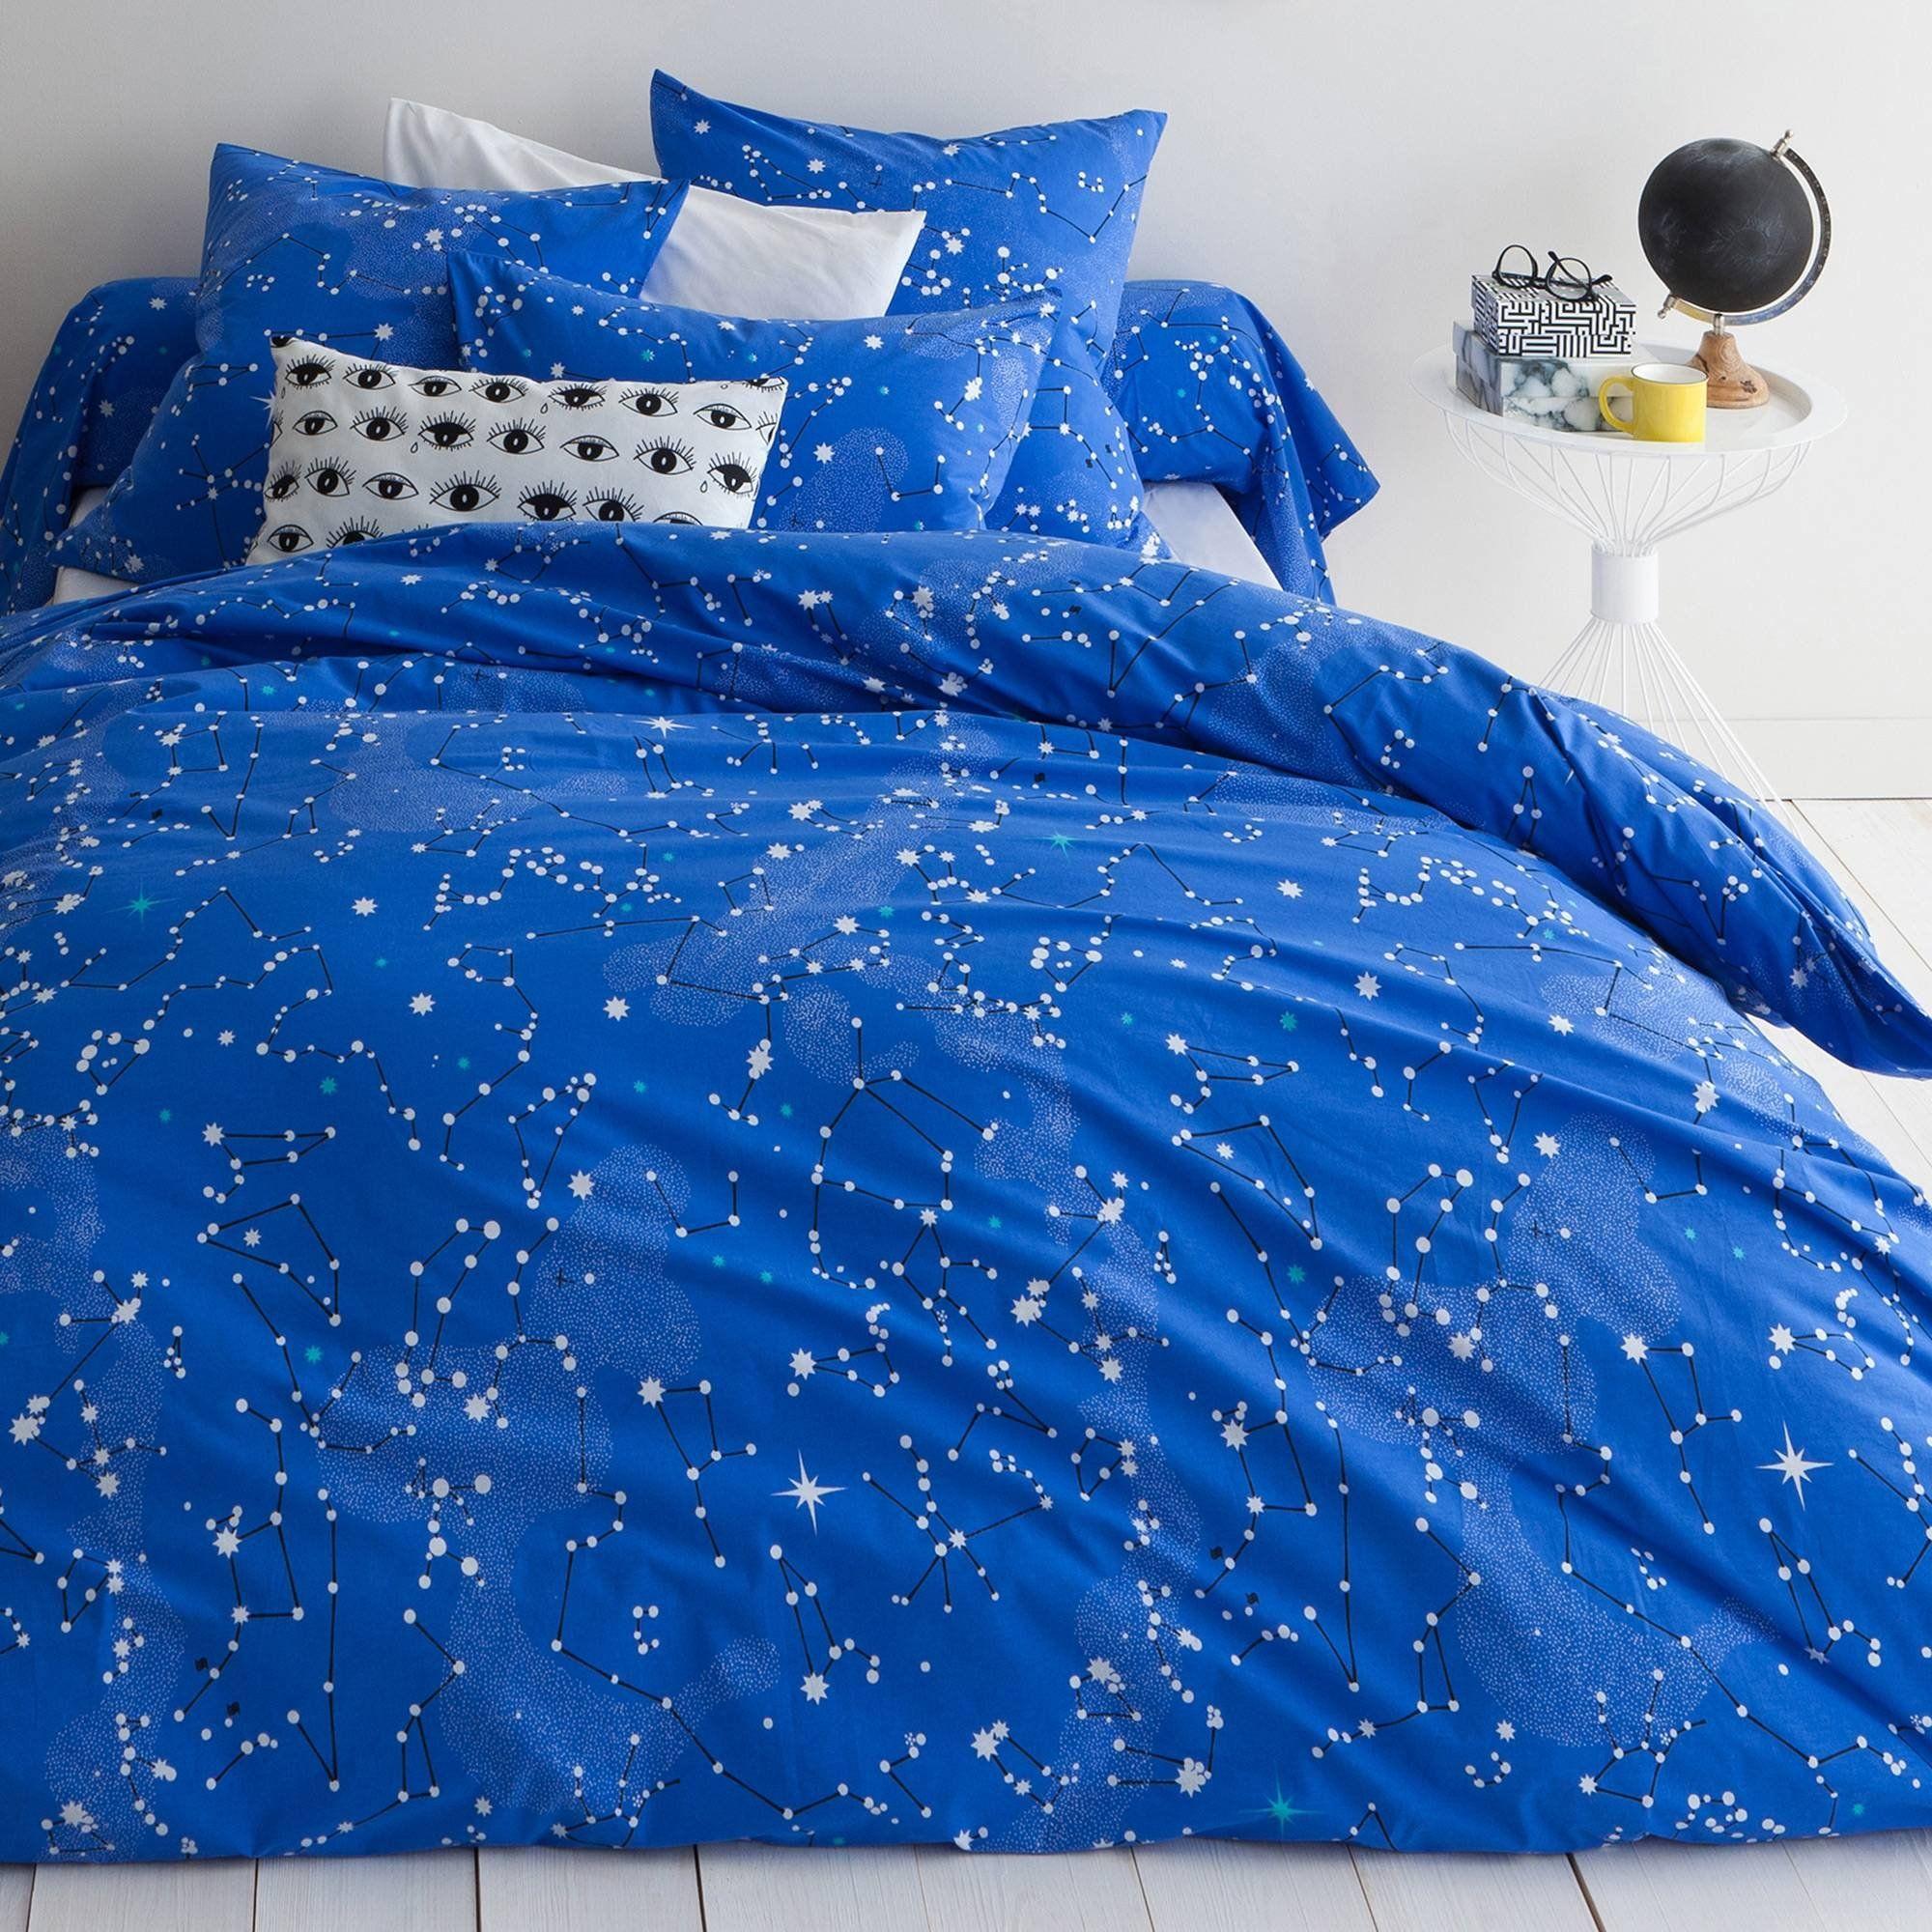 couette 4 saisons ikea s tvedel couette toutes saisons 240x220 cm ikea grusblad couette toutes. Black Bedroom Furniture Sets. Home Design Ideas